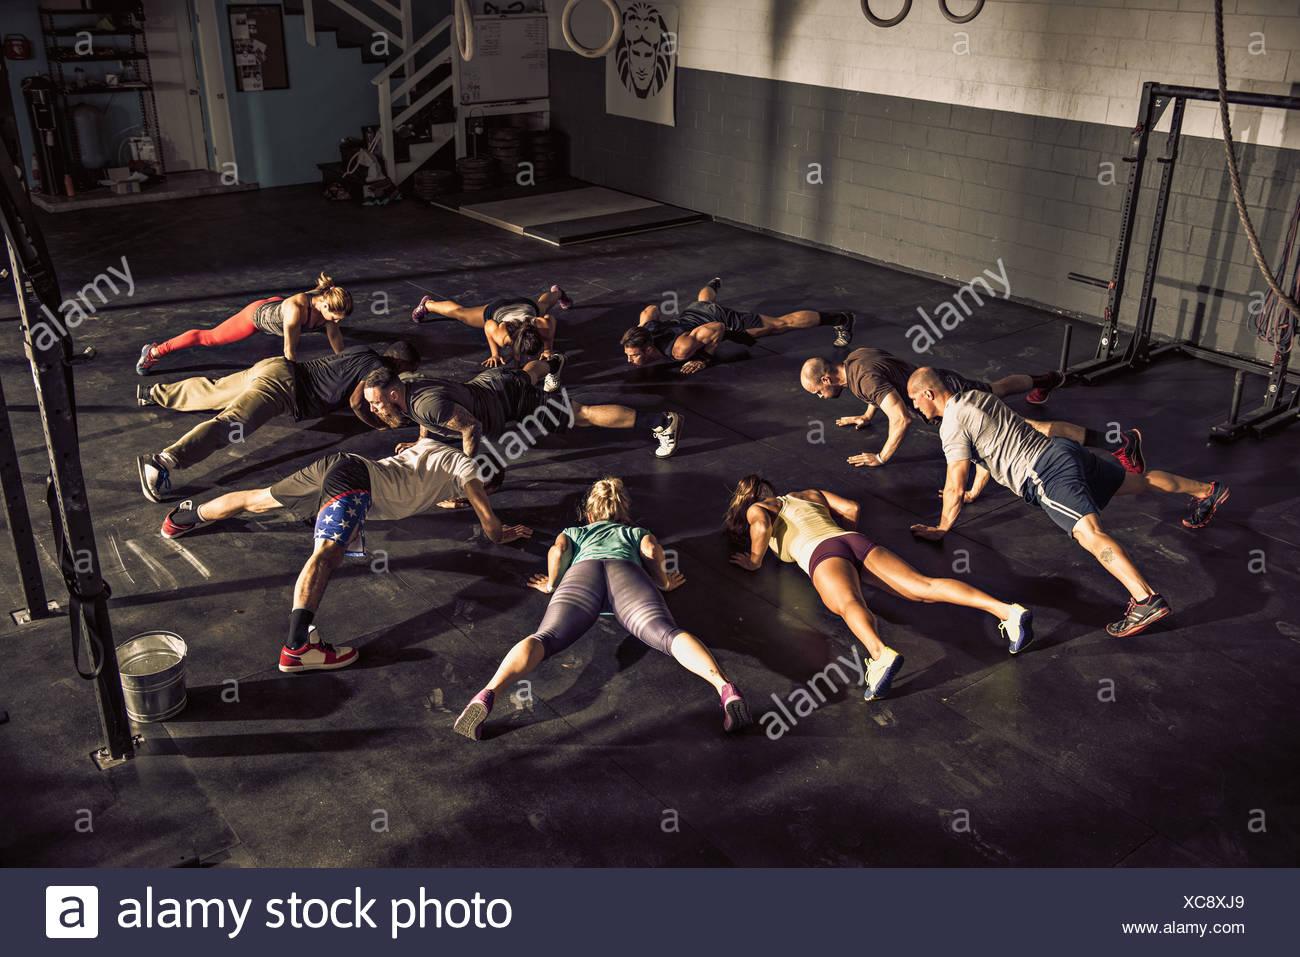 Lezione di fitness training insieme in palestra Immagini Stock